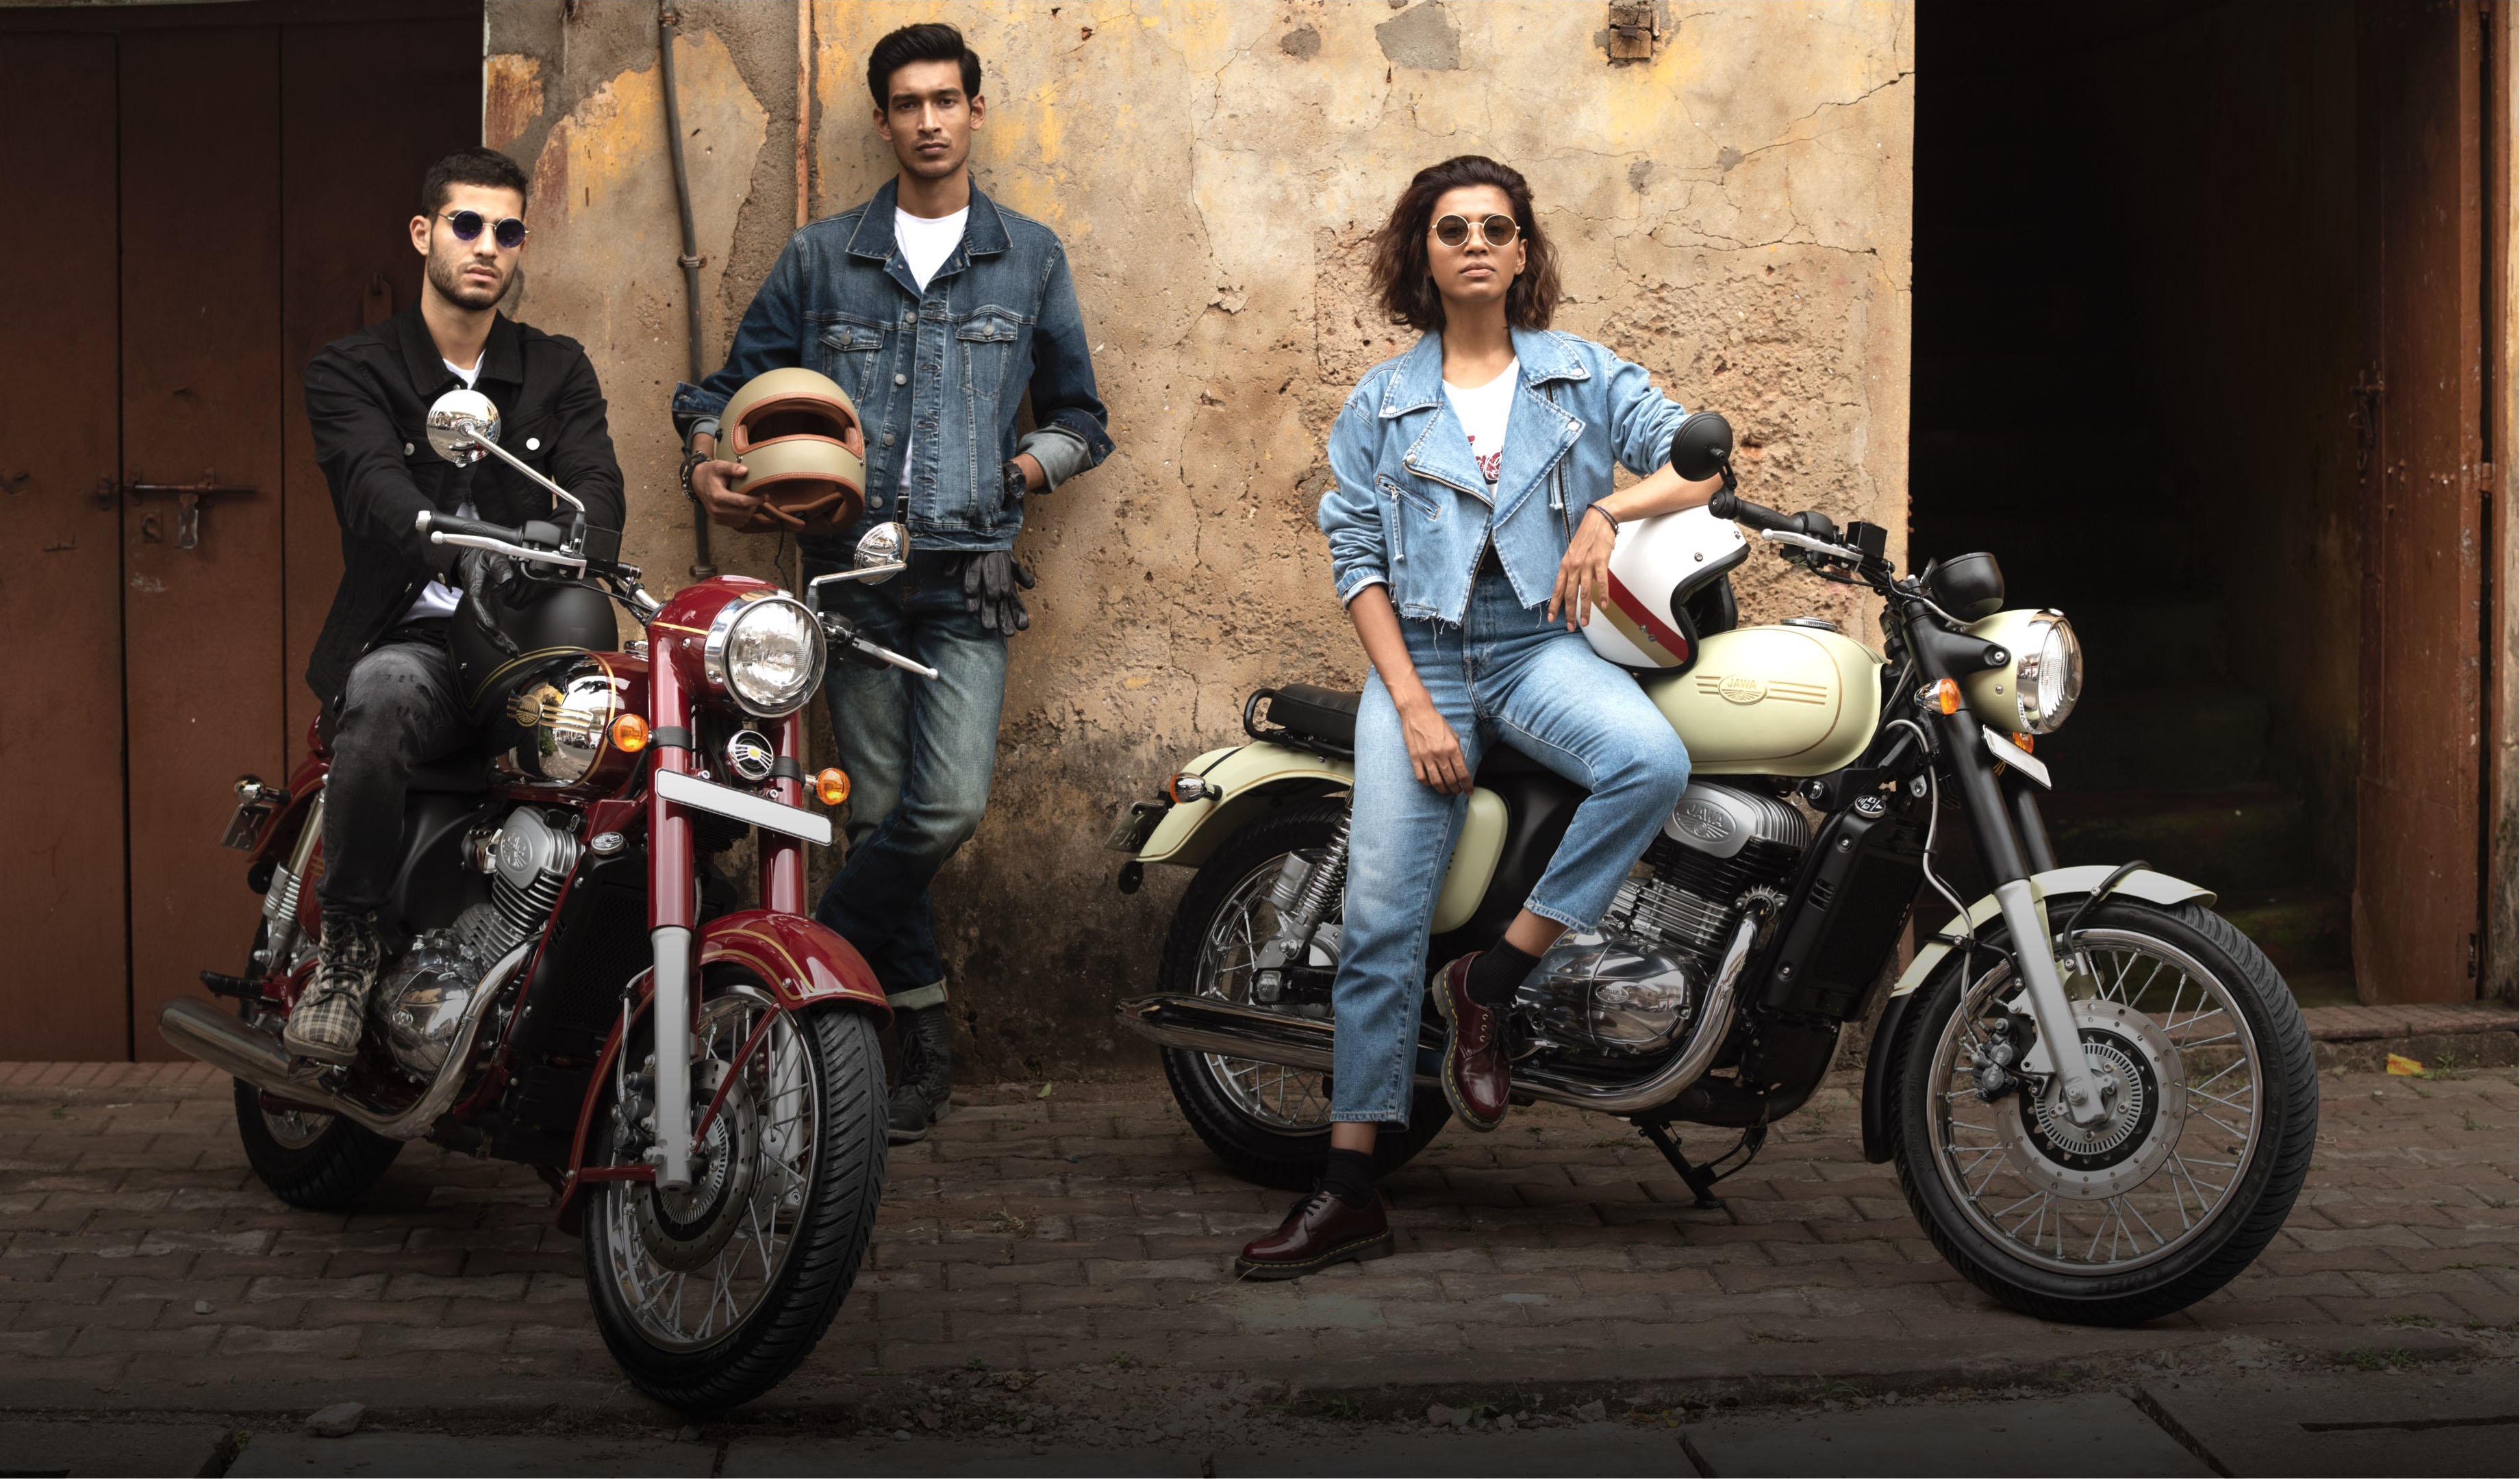 jawa motorcycles source-jawa